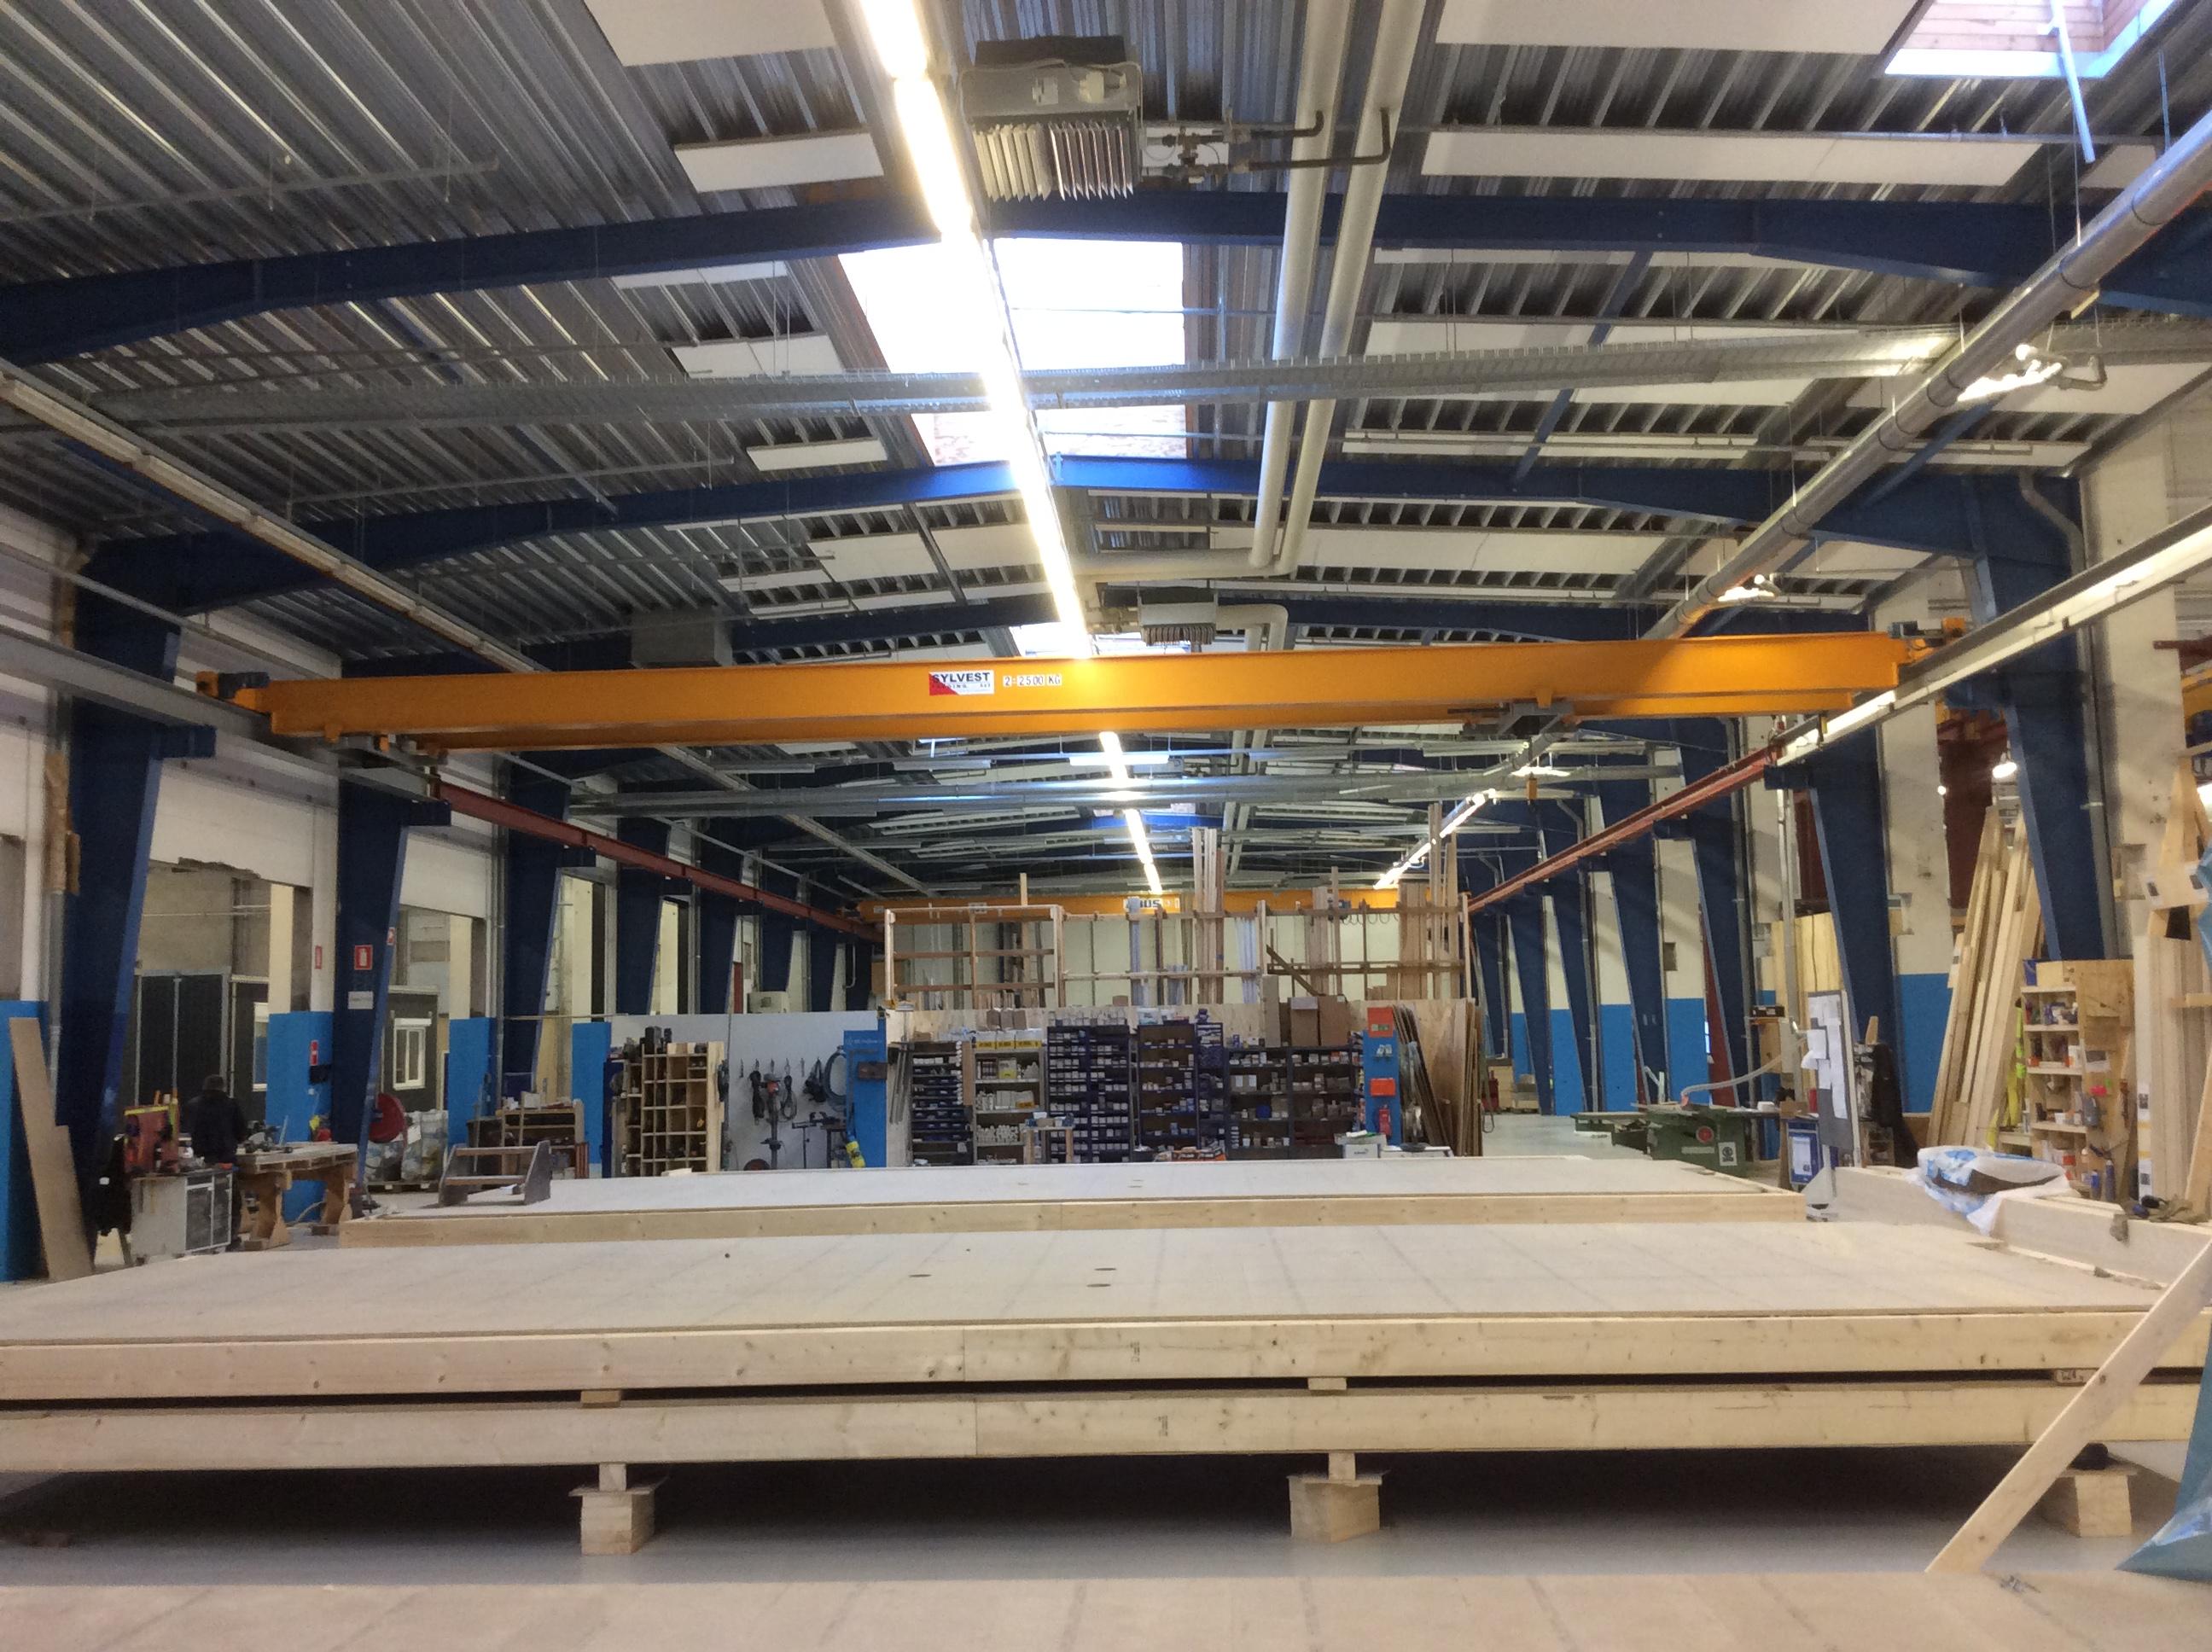 SYLVEST TRADING har flyttet 3 stk traverskraner - Metal Supply DK